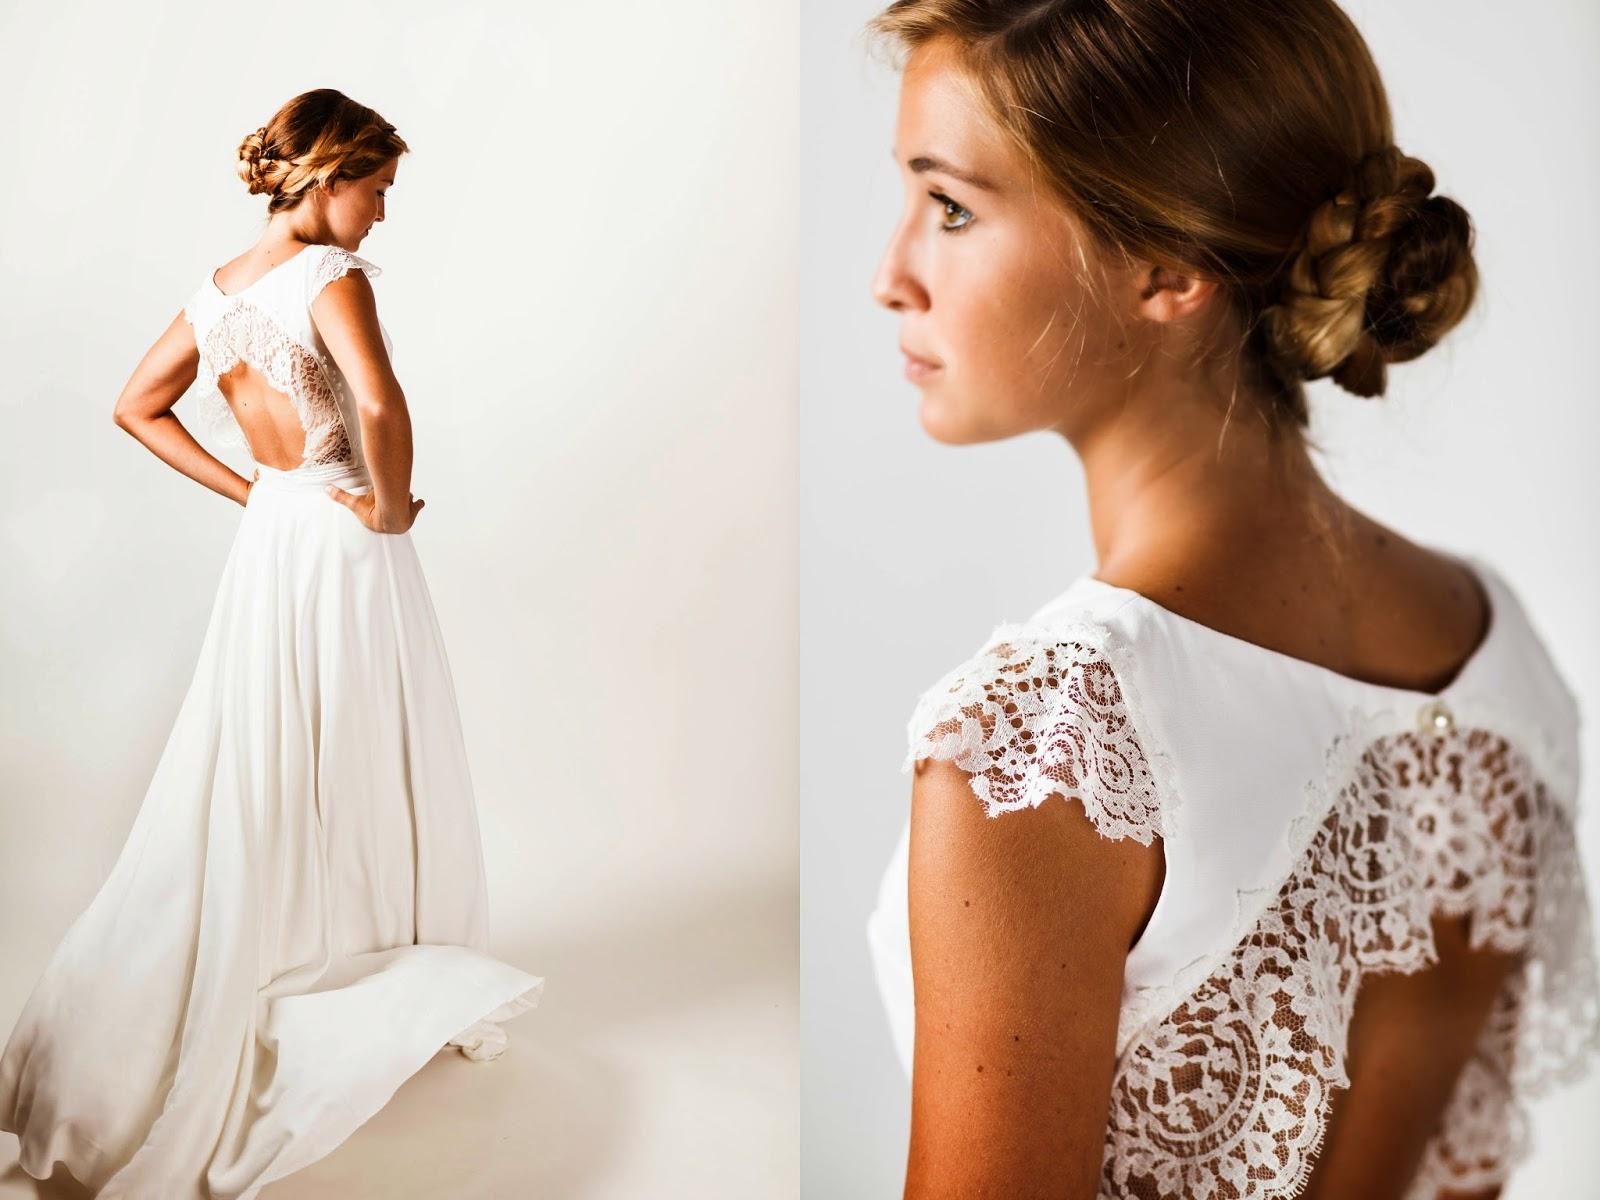 Wedding Spirit créatrice Marion Kenezi des robes de mariée sur mesure